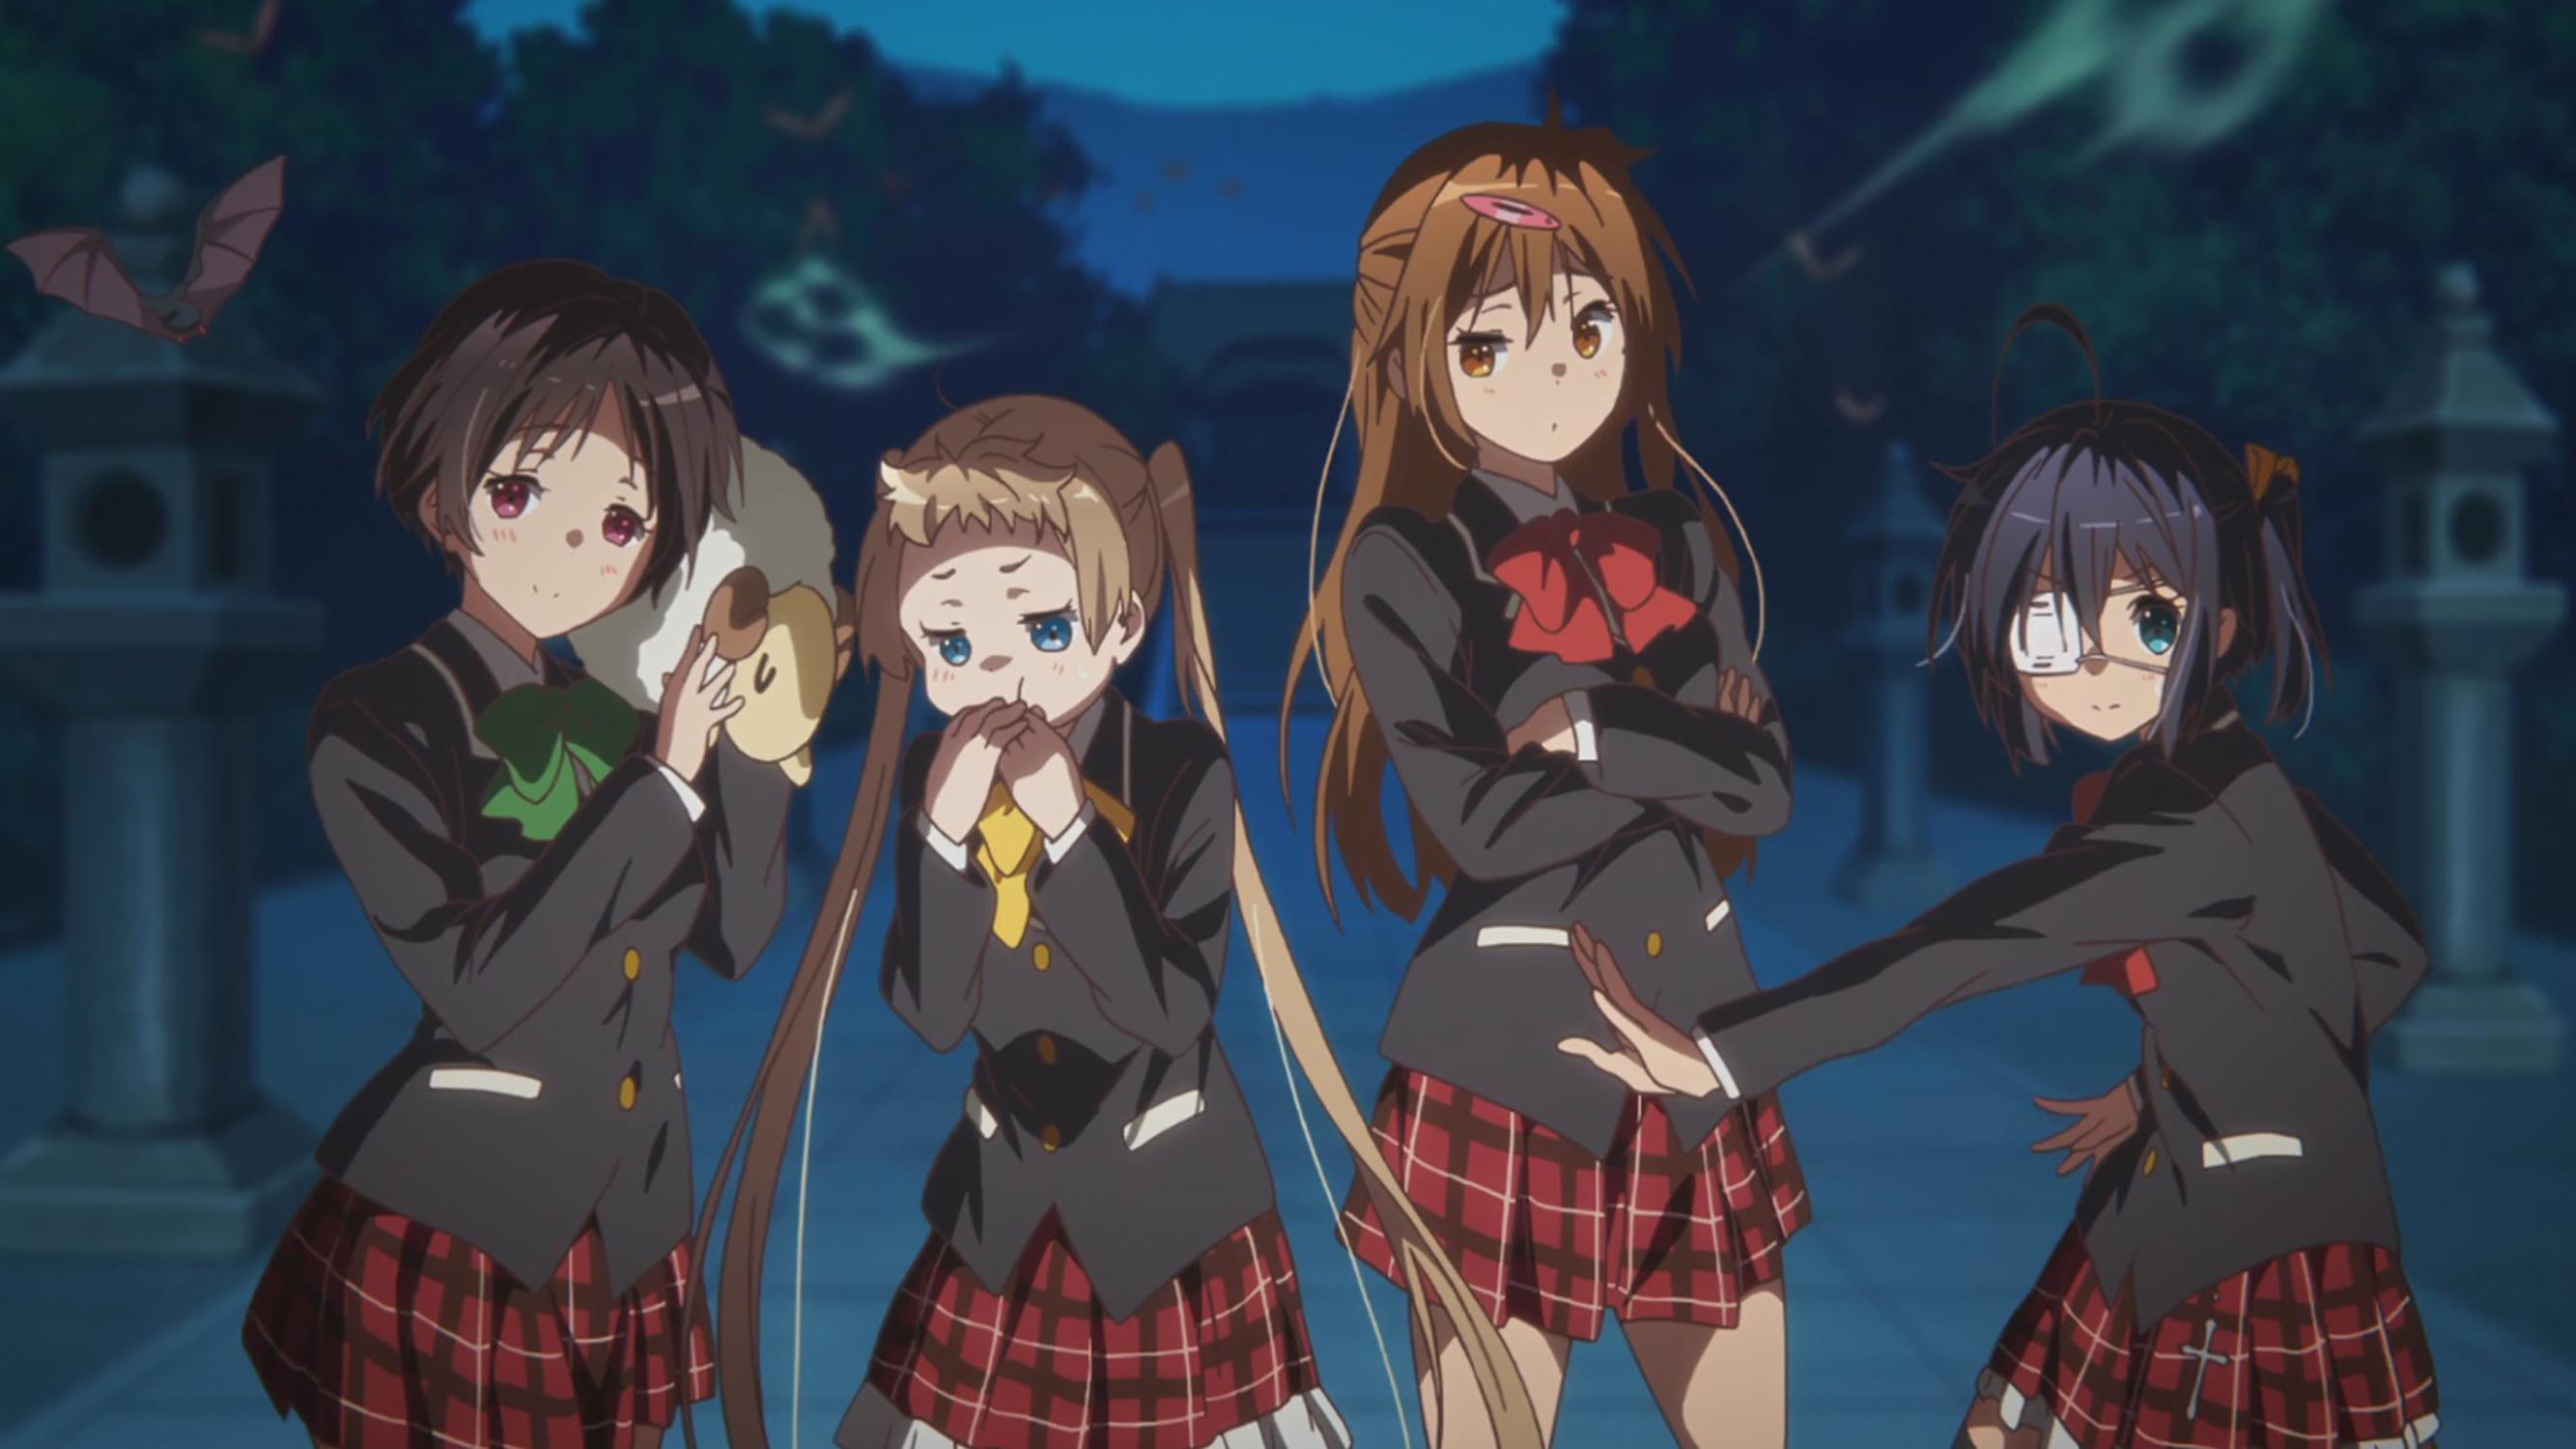 Kumin Tsuyuri, Rikka Takanashi, Shinka Nibutani, Sanae - Chuunibyou Demo Koi Ga Shitai Movie Take , HD Wallpaper & Backgrounds